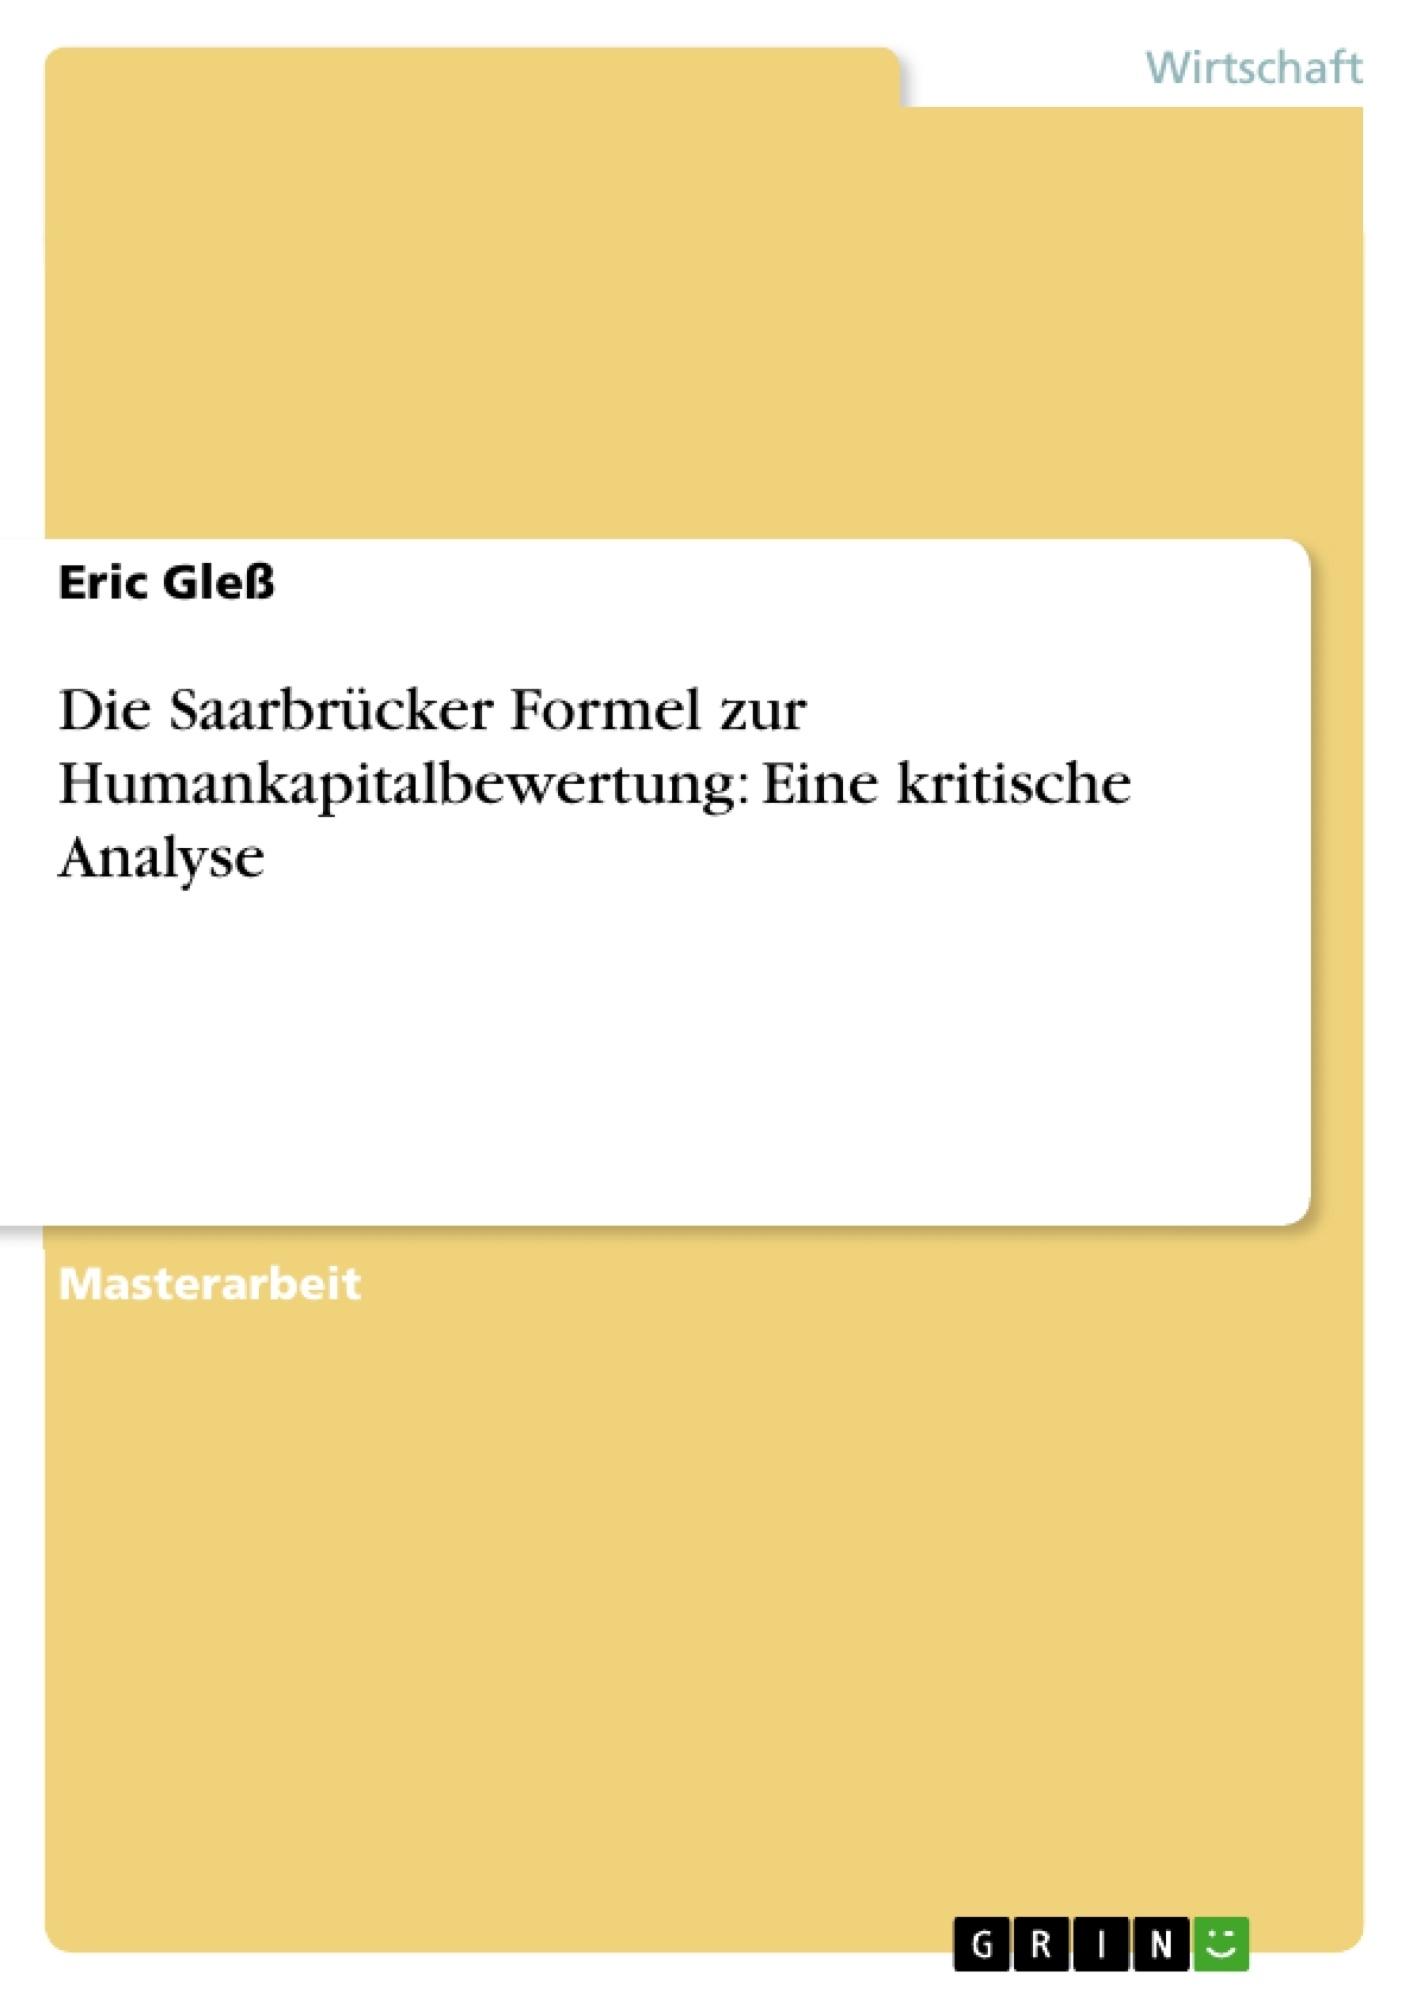 Titel: Die Saarbrücker Formel zur Humankapitalbewertung: Eine kritische Analyse